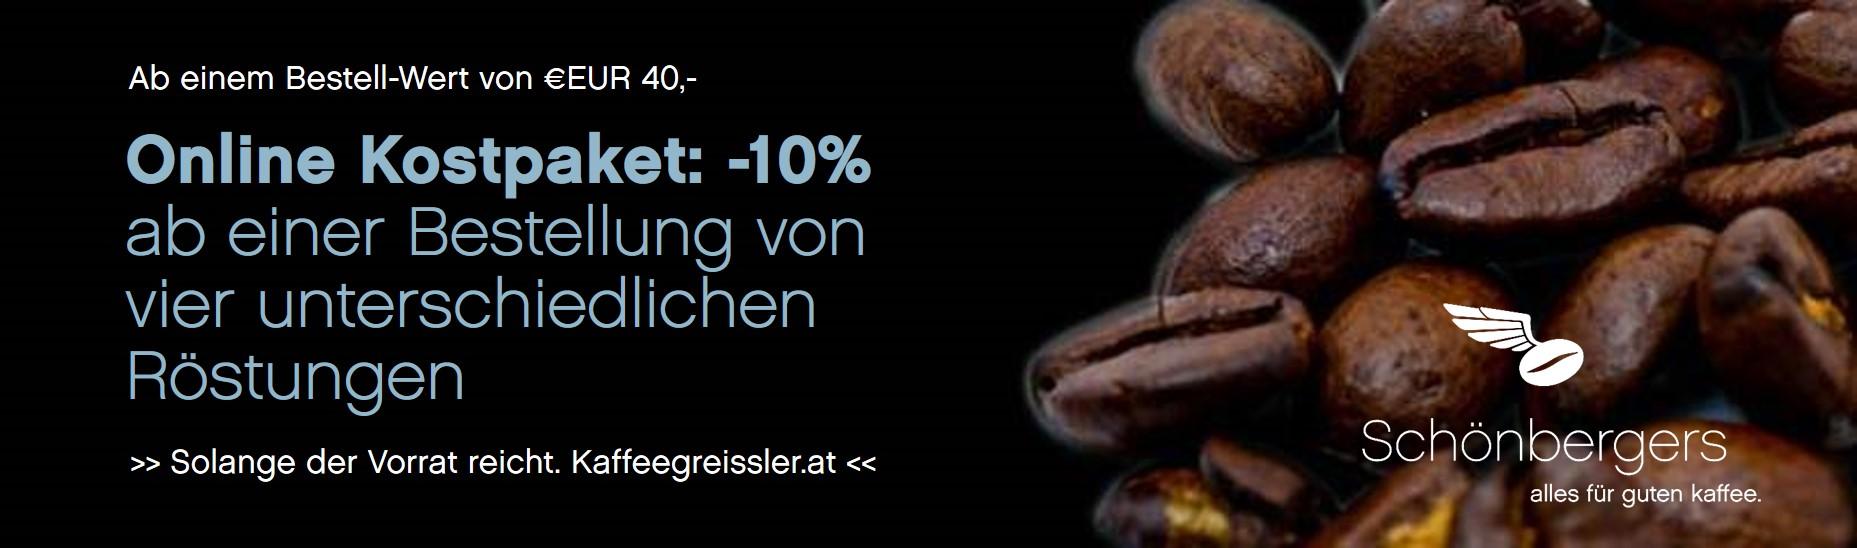 Kostpaket online Bestellung _Schönbergers.jpg